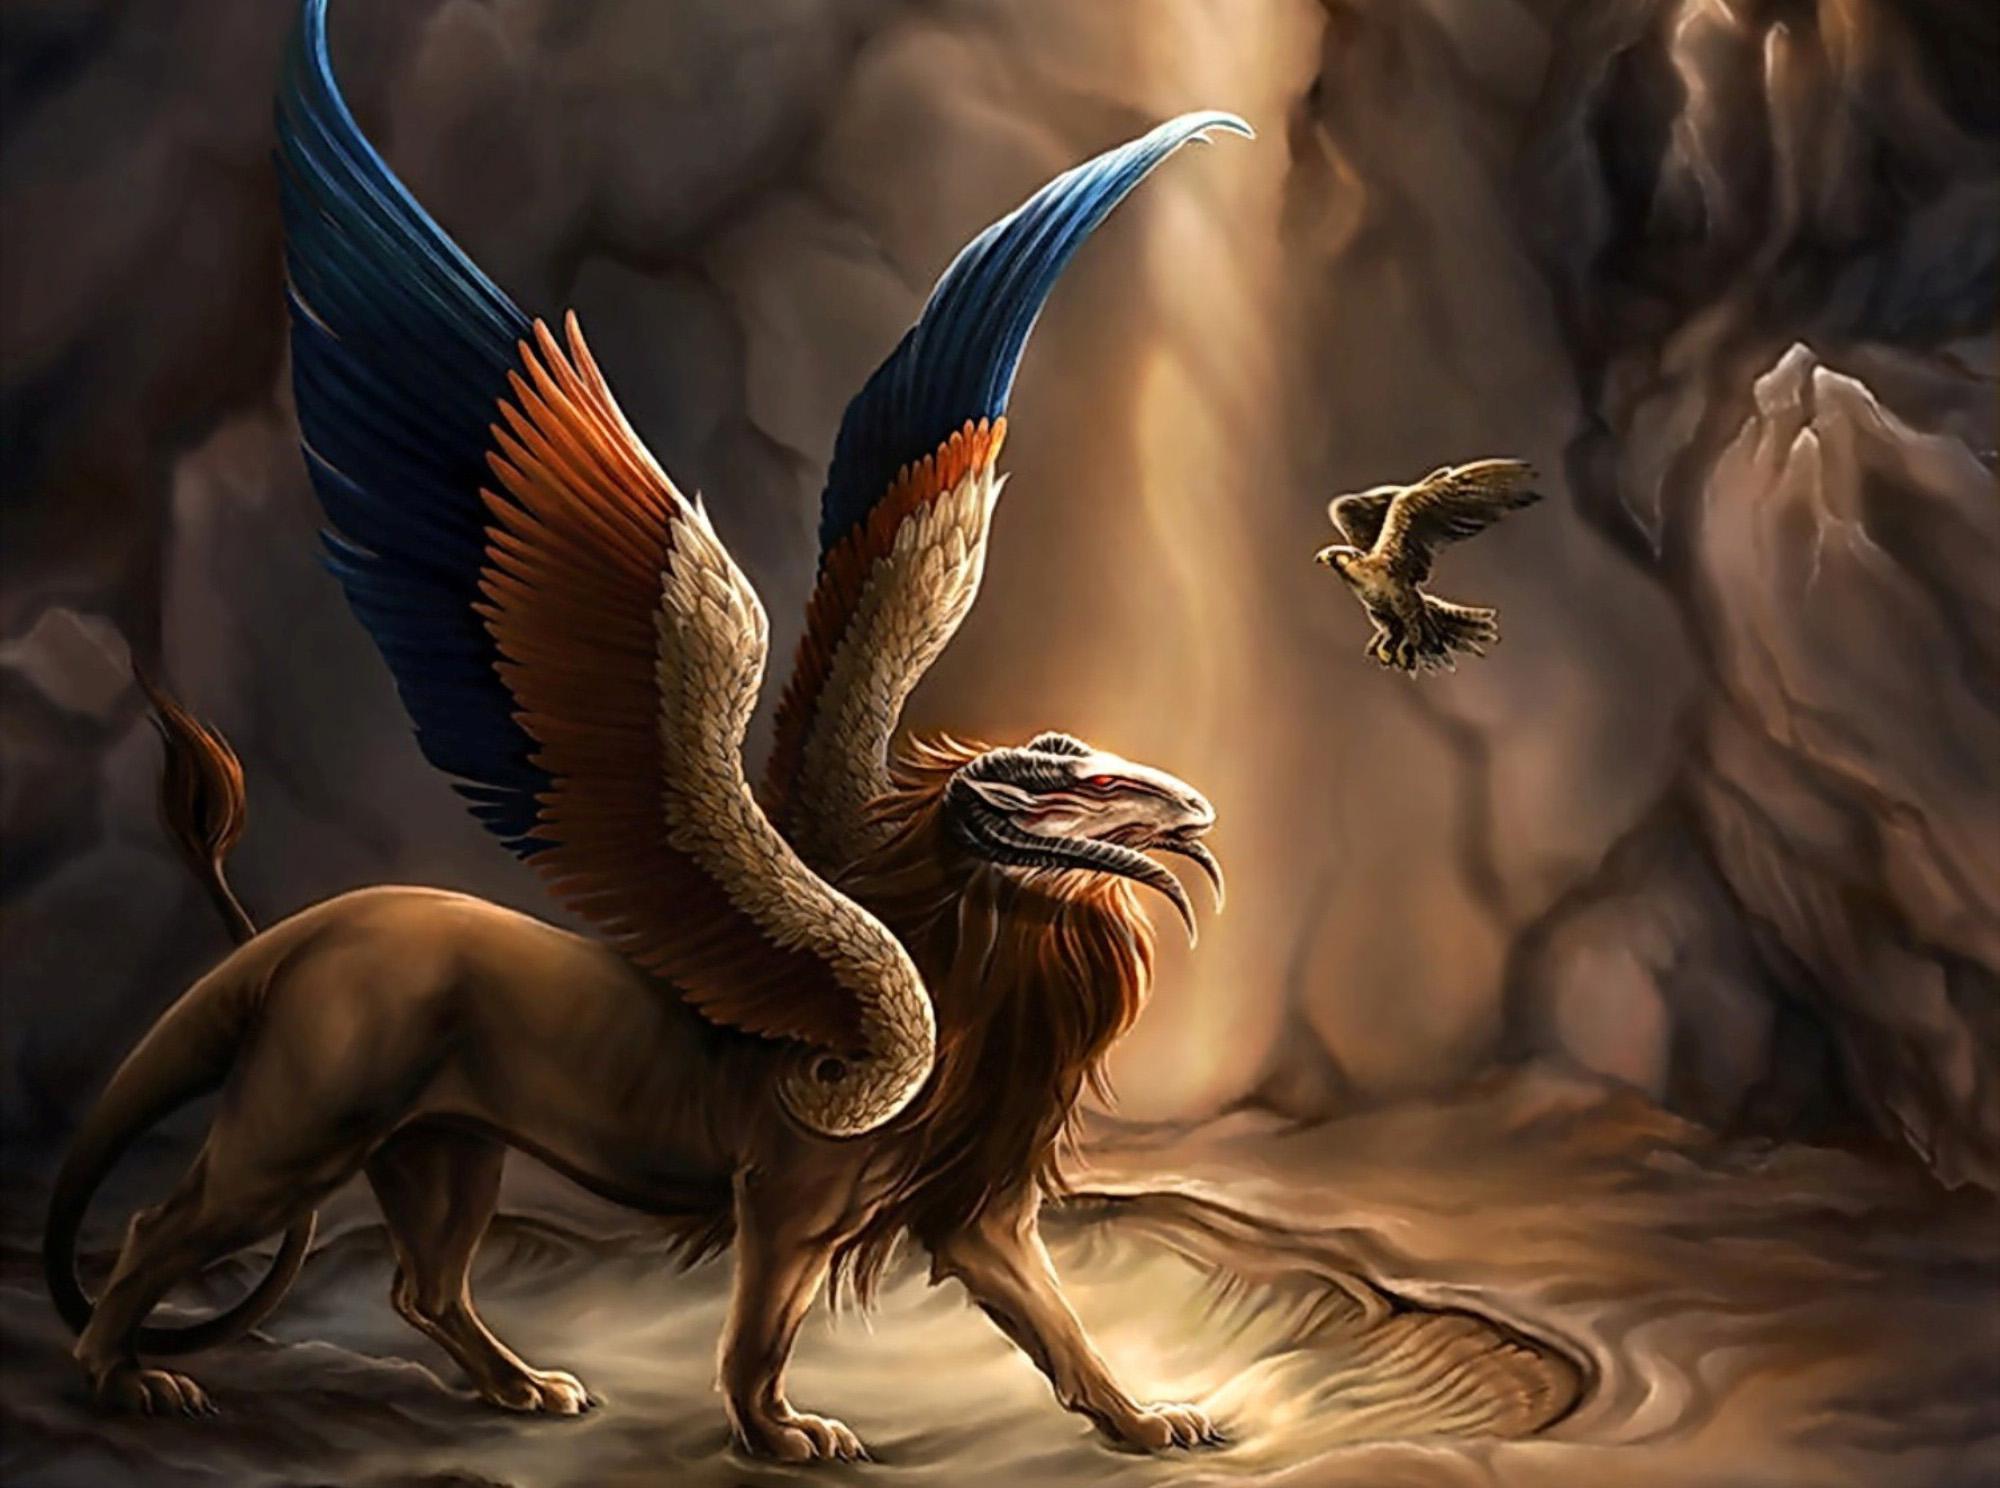 могут картинки фэнтези мистика драконы развязать